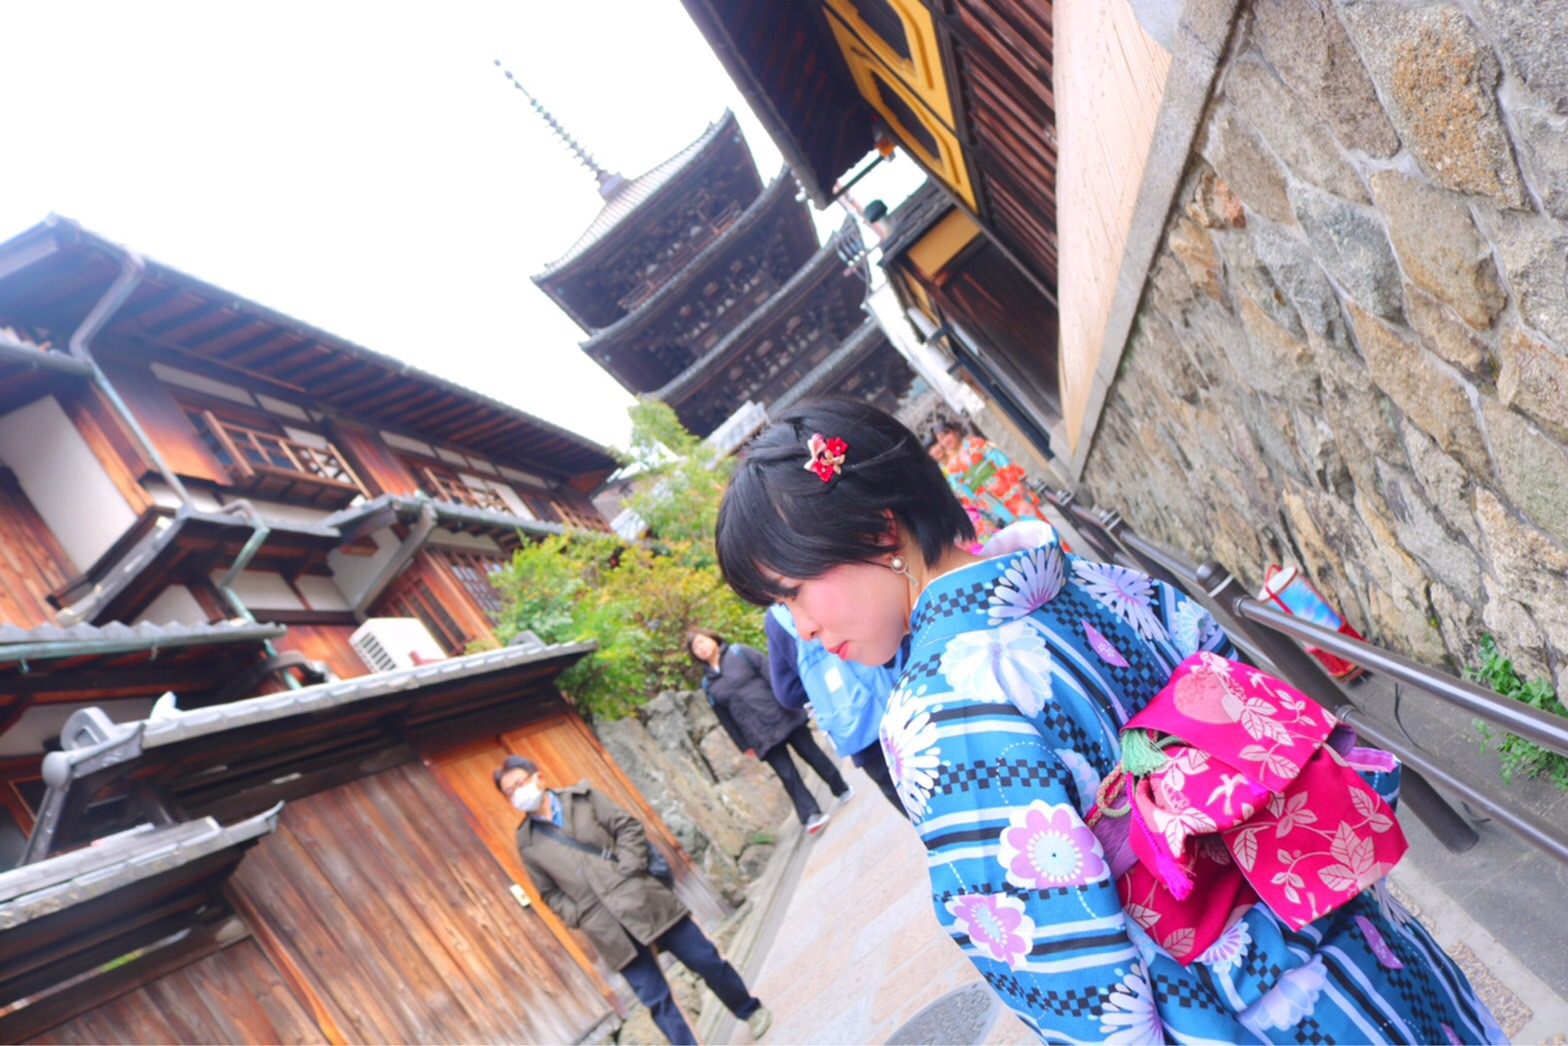 広島から卒業旅行の大学生♡2019年3月14日2